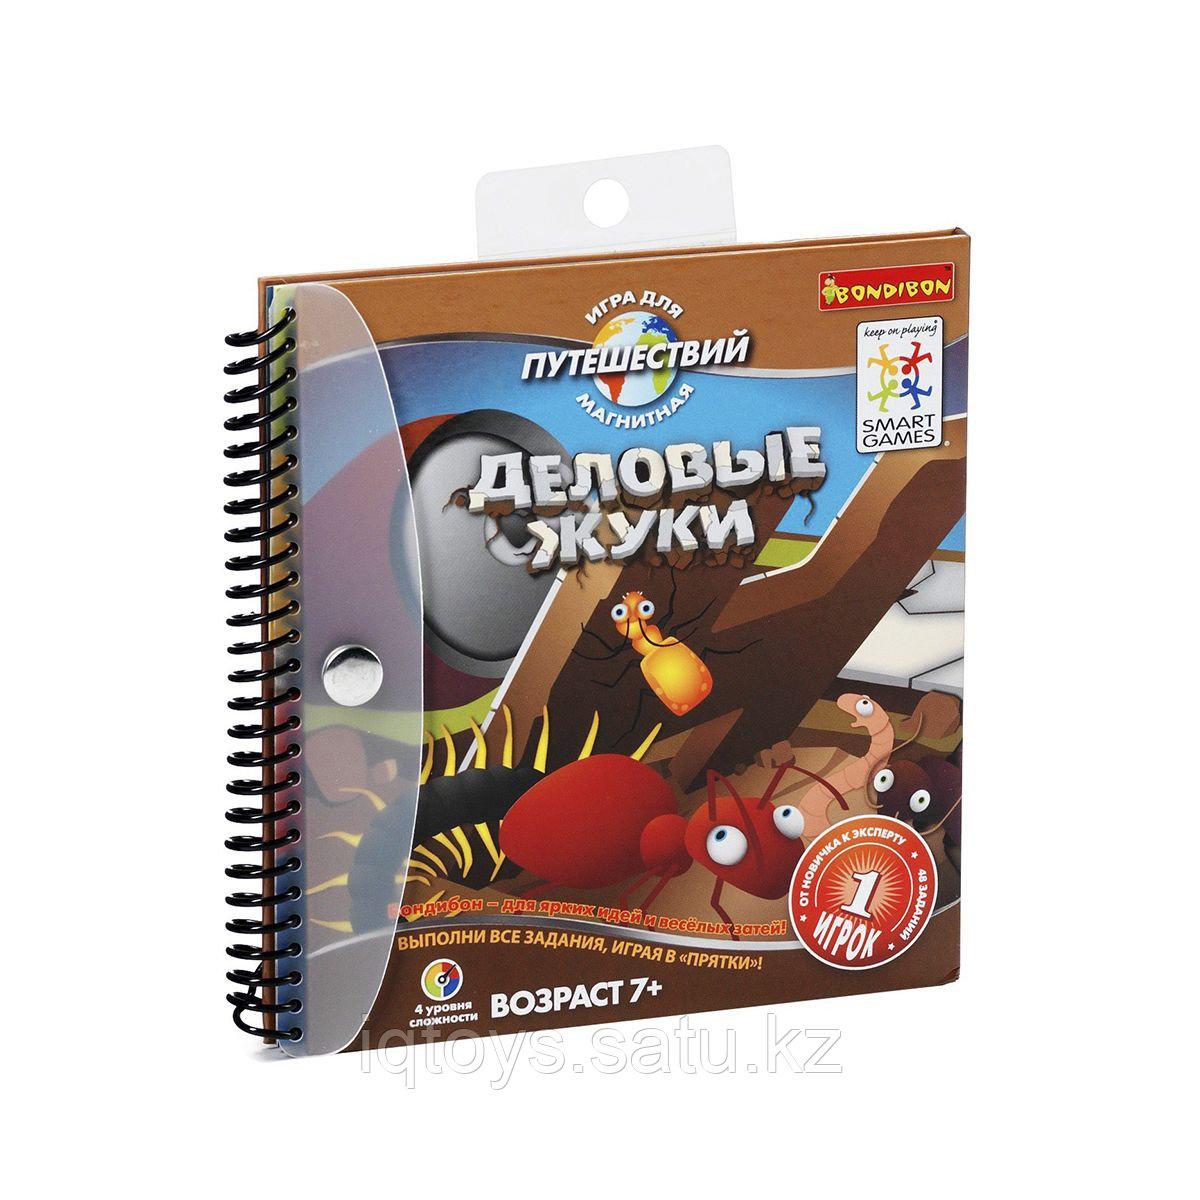 Игра-головоломка Деловые жуки Бондибон (Bondibon)